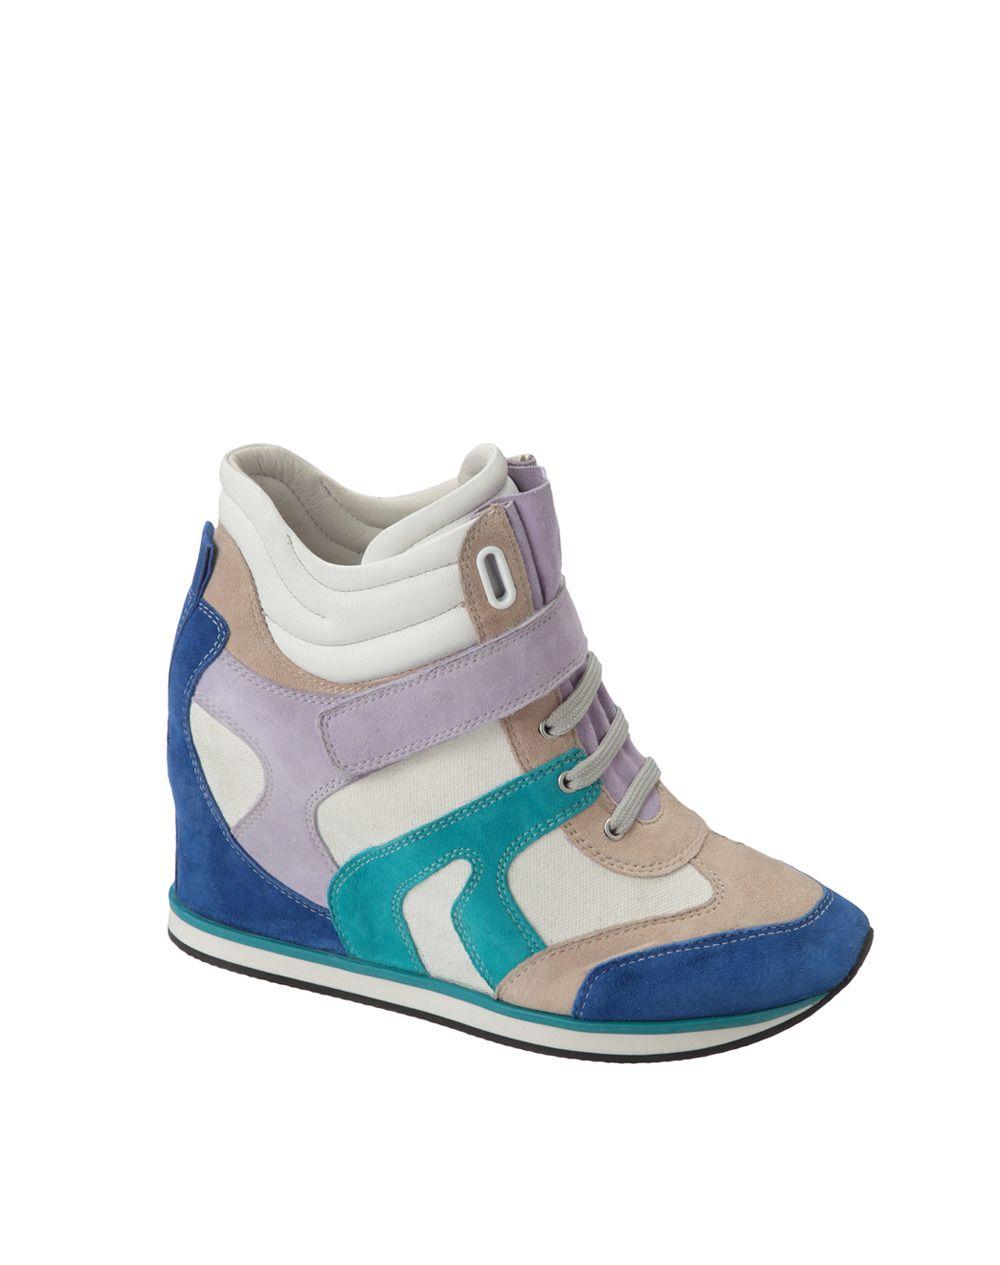 Deporte · Zapatillas deportivas de mujer Geox - Mujer - Zapatos - El Corte  Inglés ...